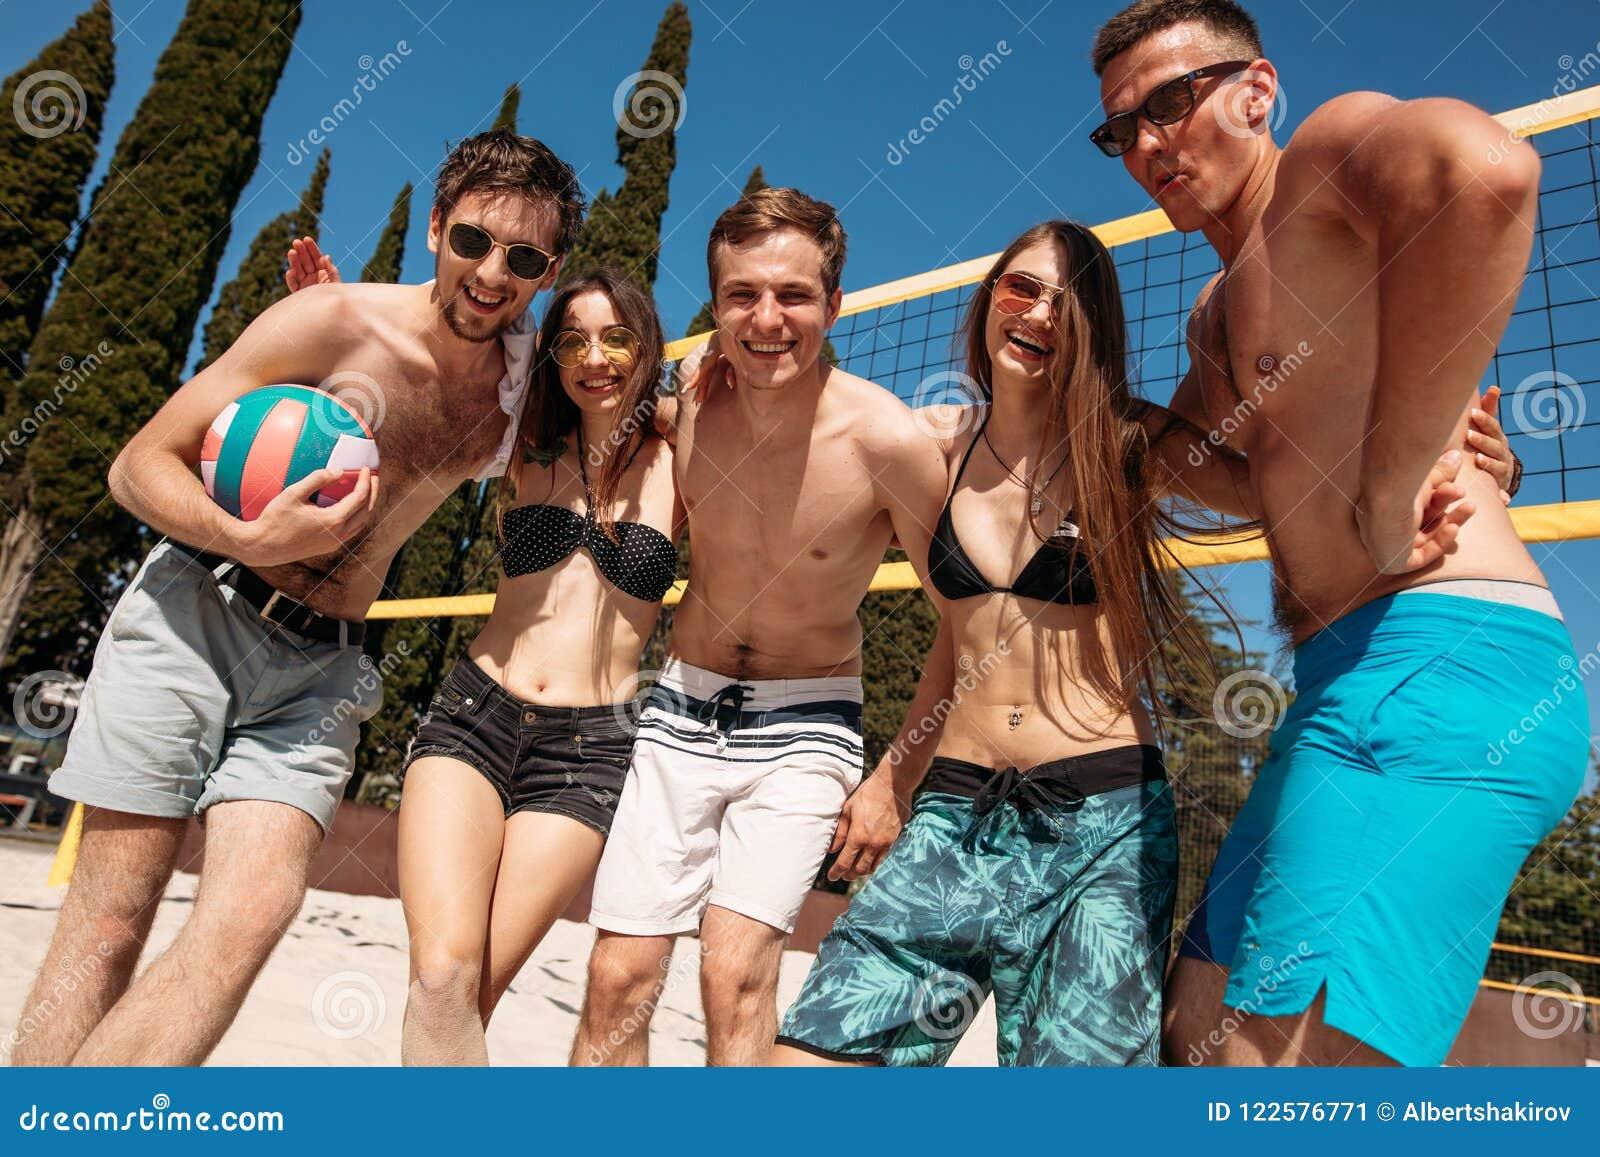 Ομάδα φίλων που παίζουν volley παραλιών - ομάδα ανθρώπων πολυ-ηθικής που έχει τη διασκέδαση στην παραλία